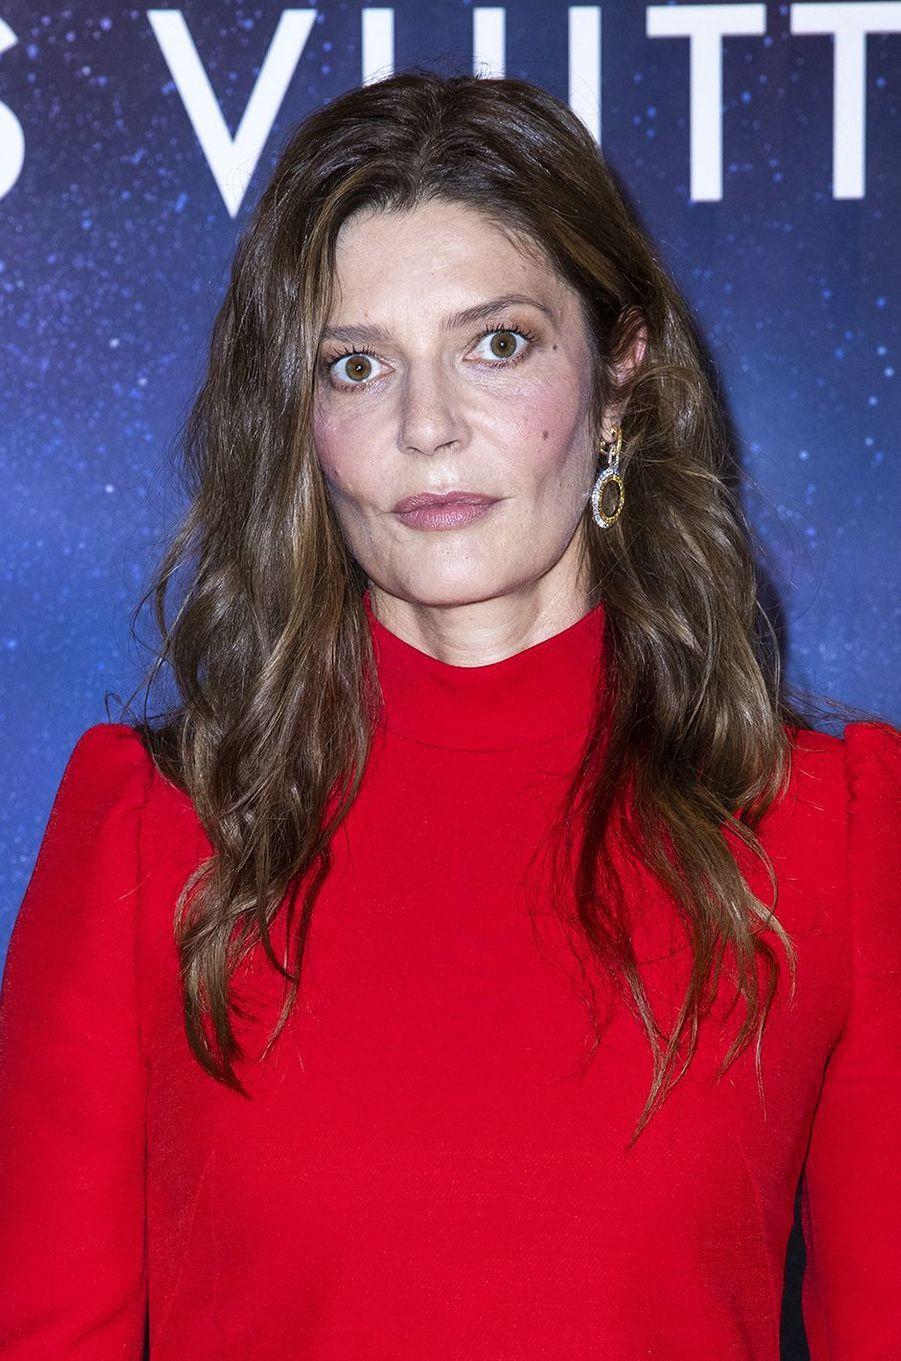 Chiara Mastroianniàla soirée Louis Vuitton pour la présentation de la collection de haute joaillerie«Stellar Times»à Paris le 28 septembre 2020